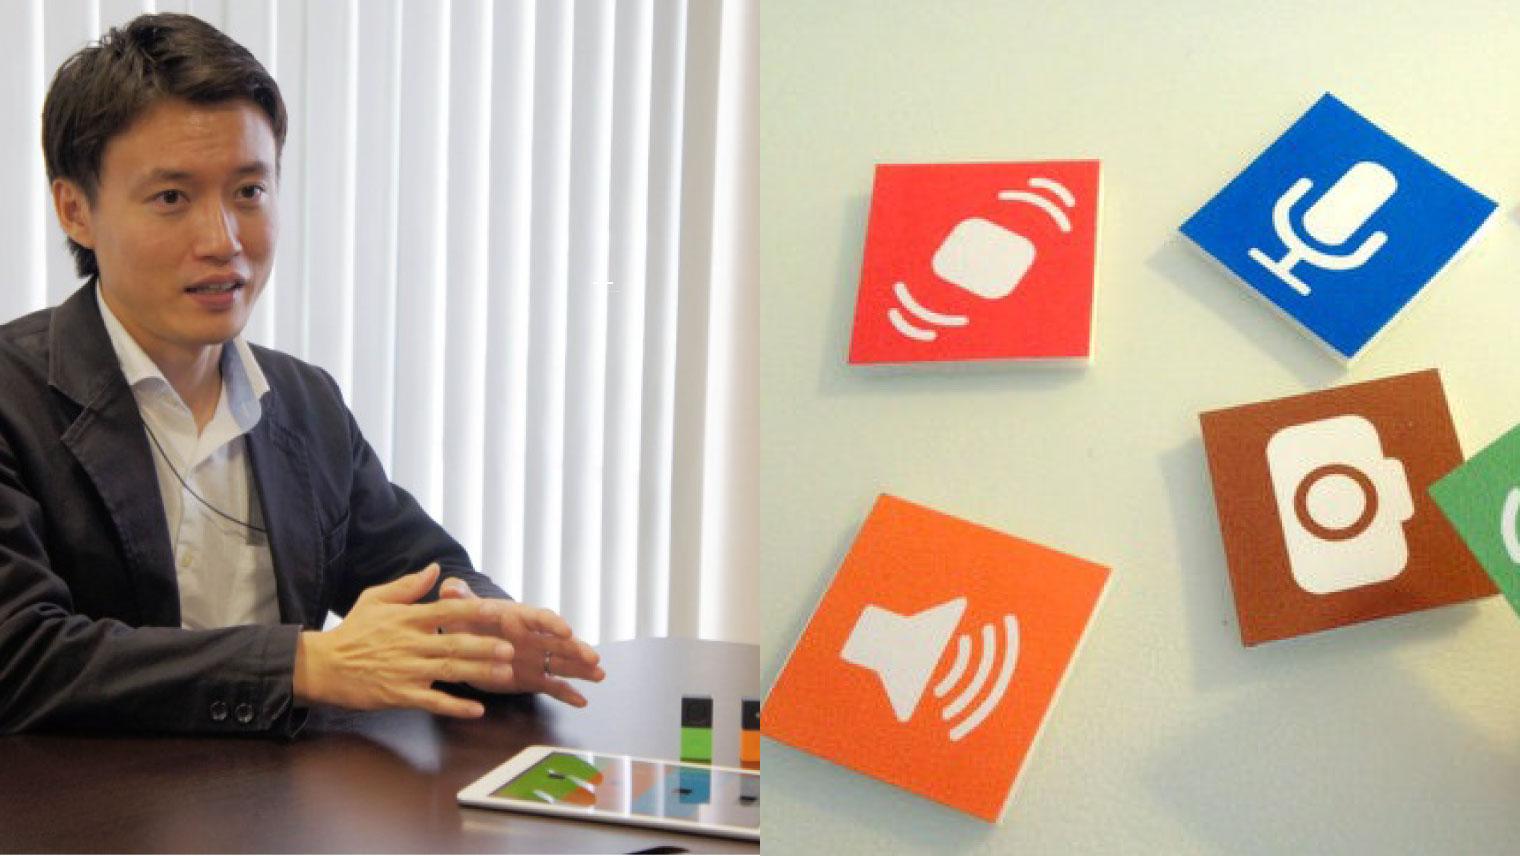 写真左:MESHプロジェクトリーダー萩原丈博、写真右:MESHの初期のプロトタイプ